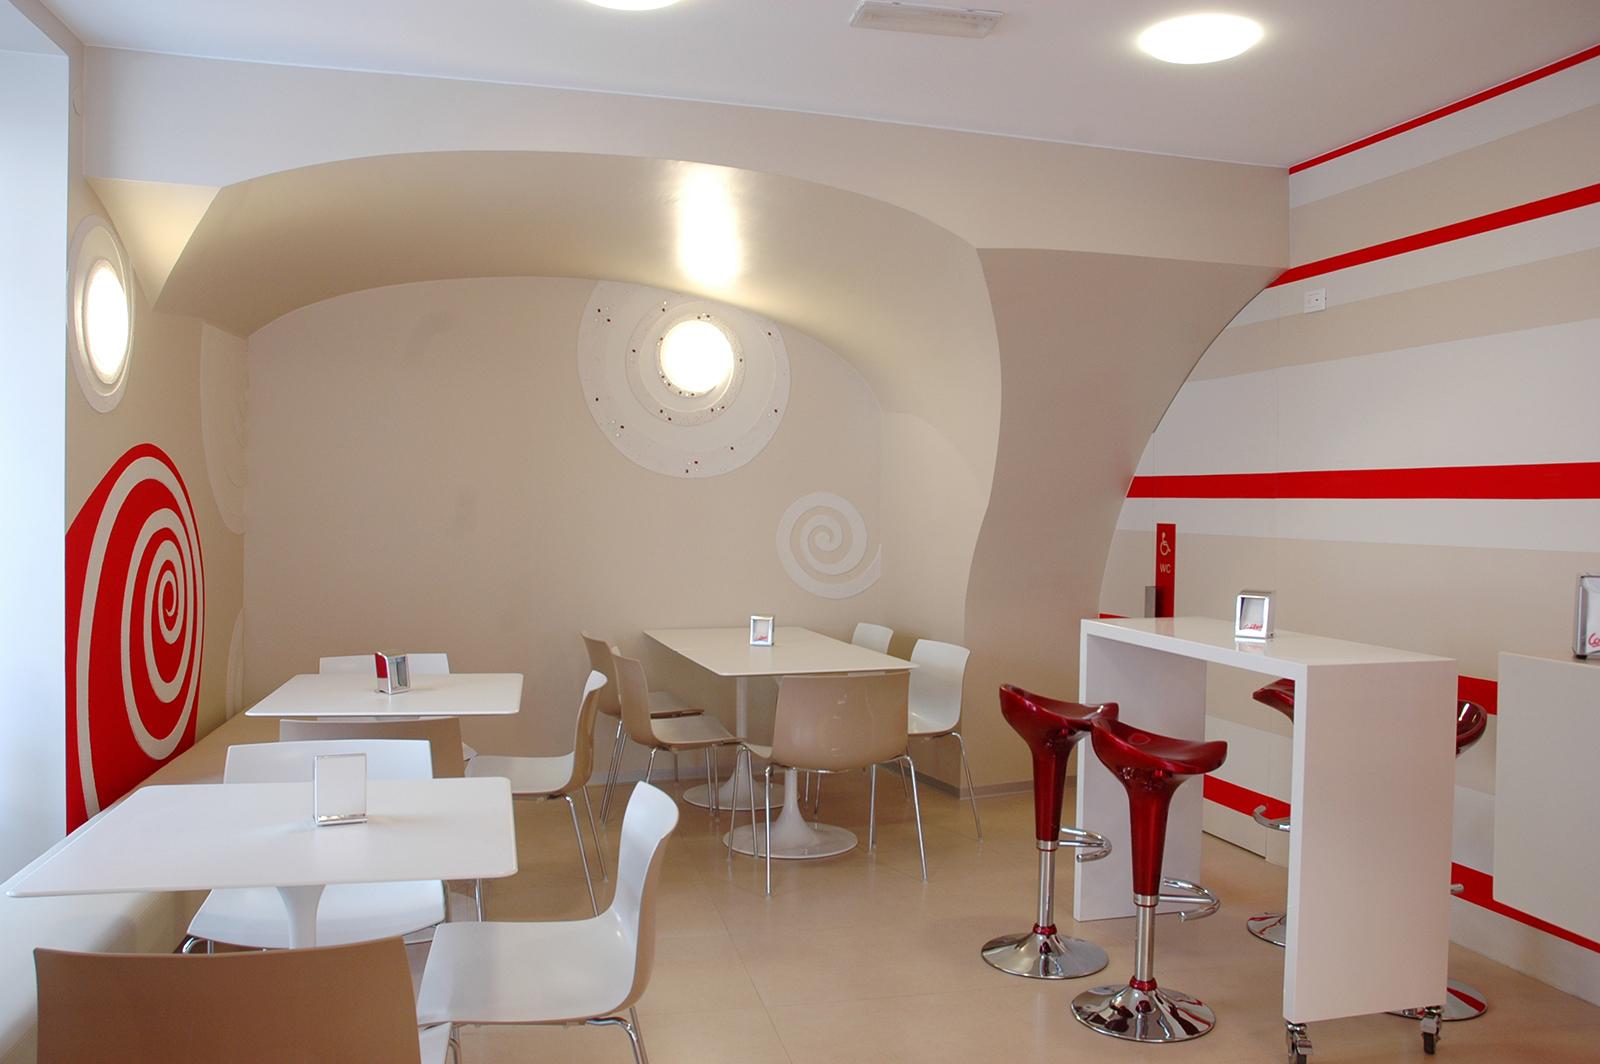 Studio-di-architettura-Baisotti-Sigala-prgetti33